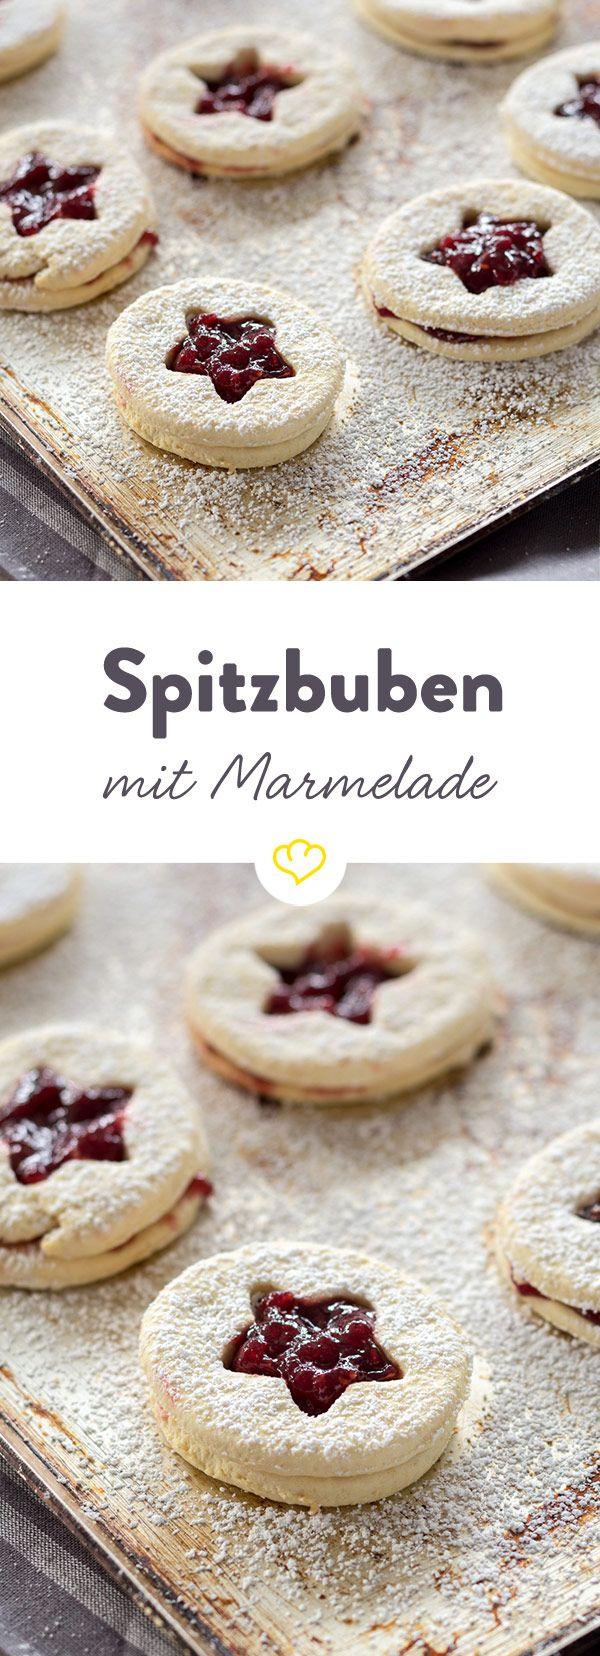 Gedicht Weihnachtsgebäck.Süße Spitzbuben Plätzchen Mit Marmelade